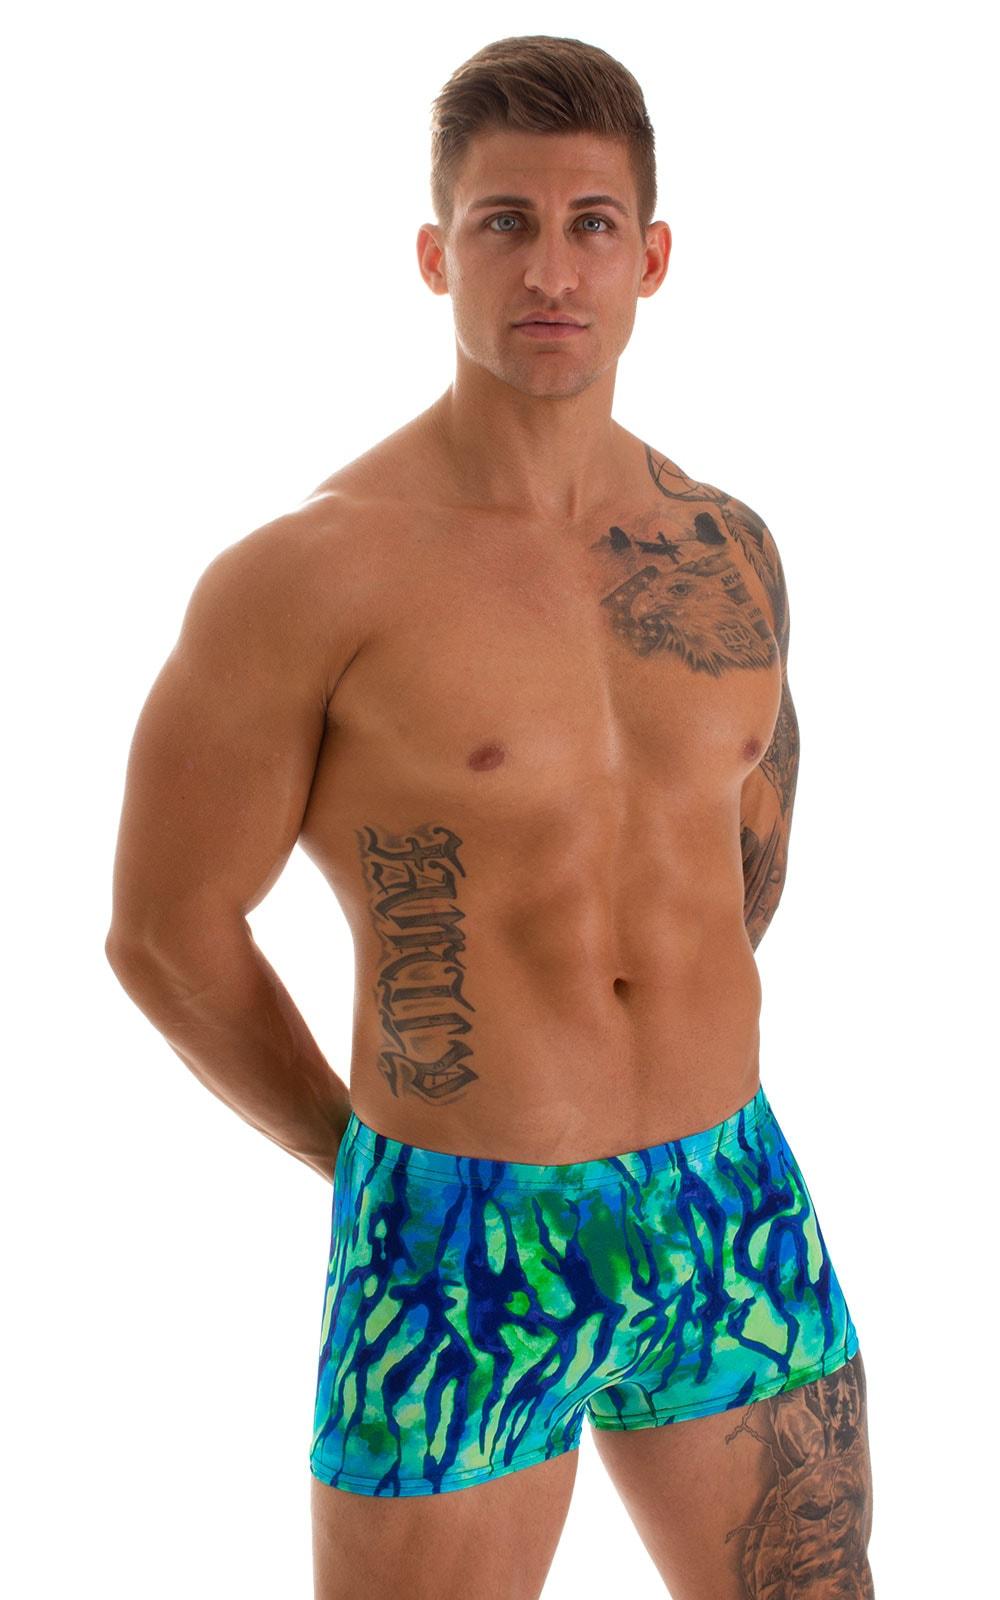 Square Cut Seamless Swim Trunks in Beach Tiger Blue-Green 1